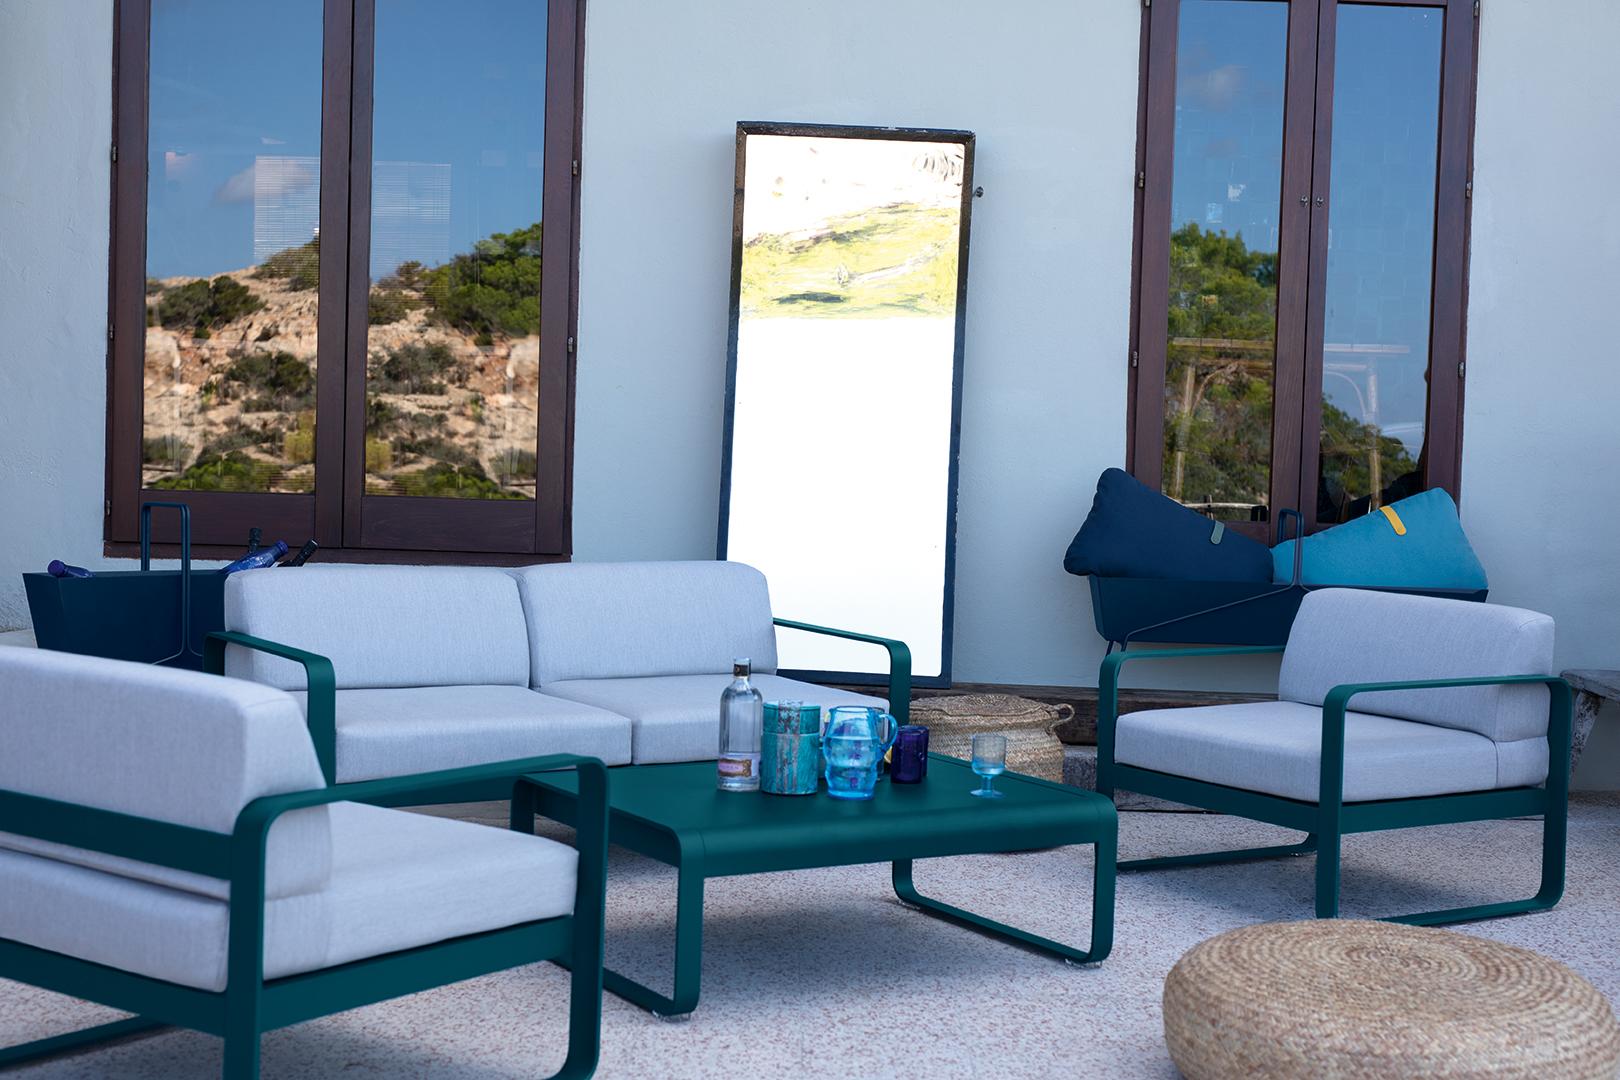 fauteuil de jardin, table basse metal, canape de jardin